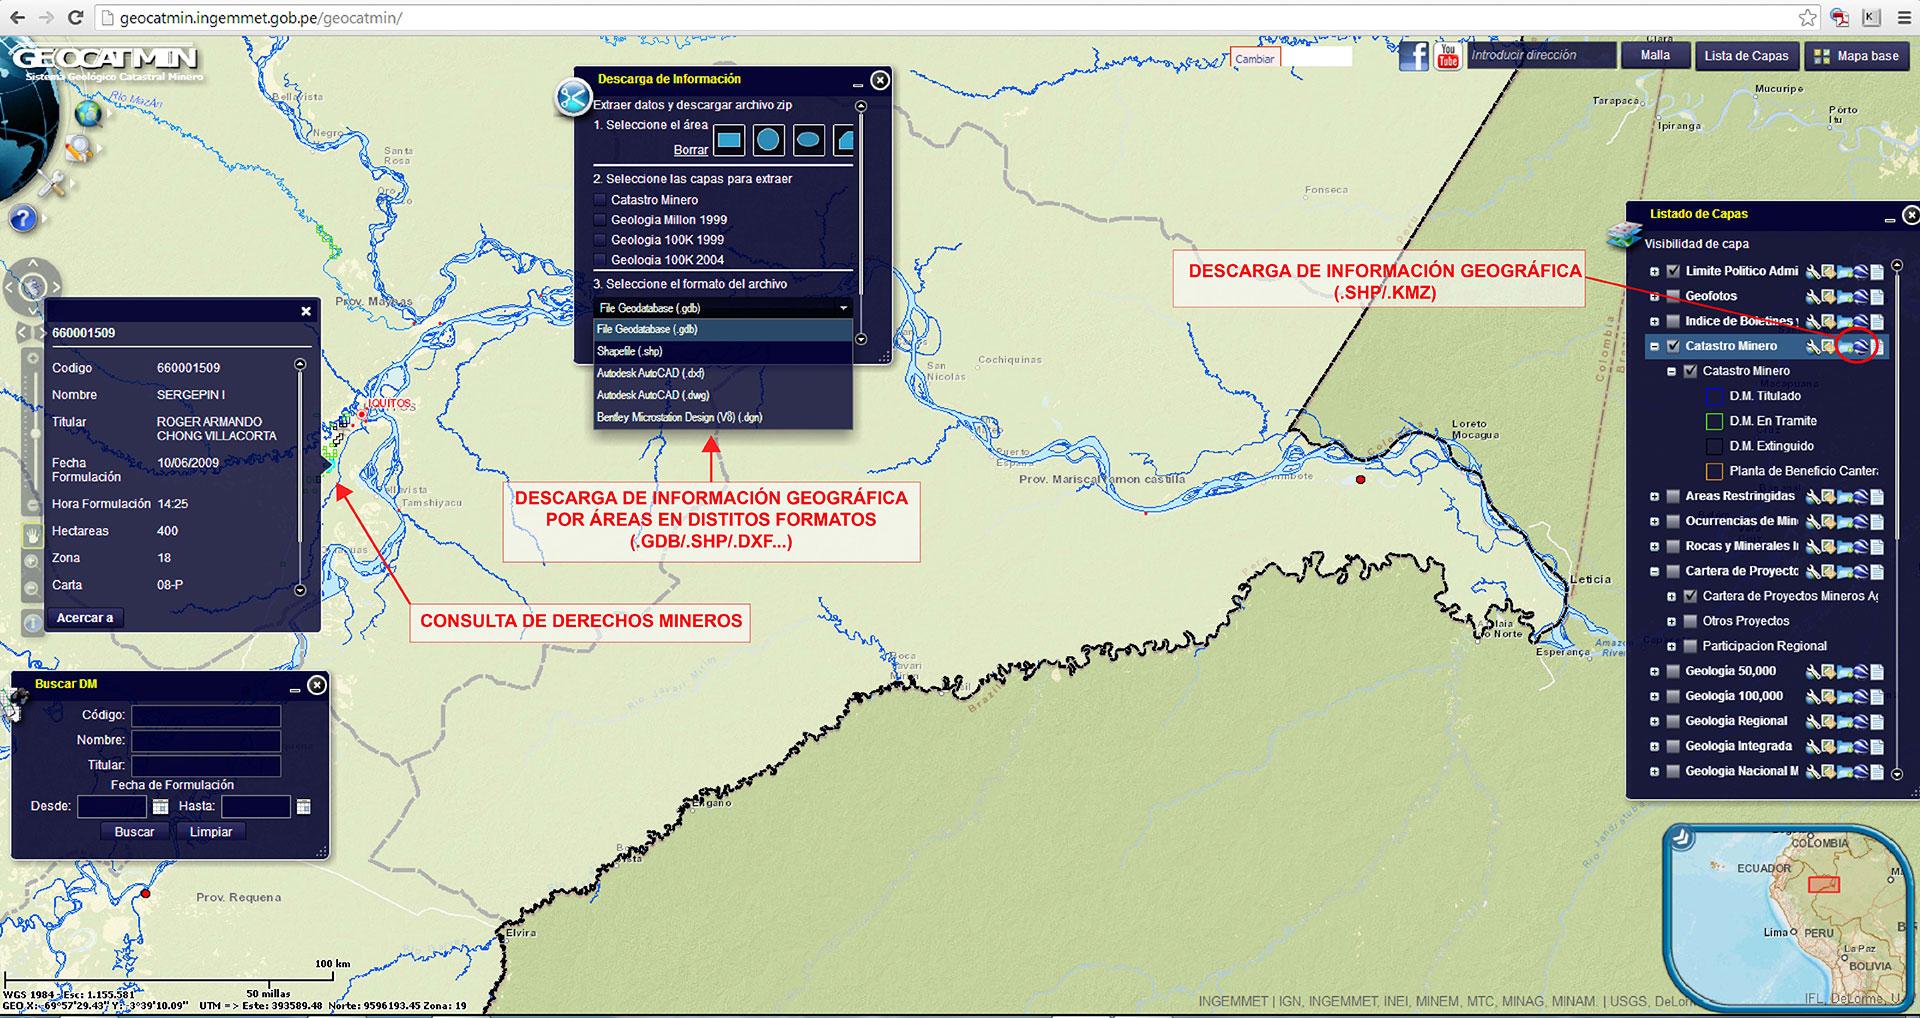 Información geográfica minera